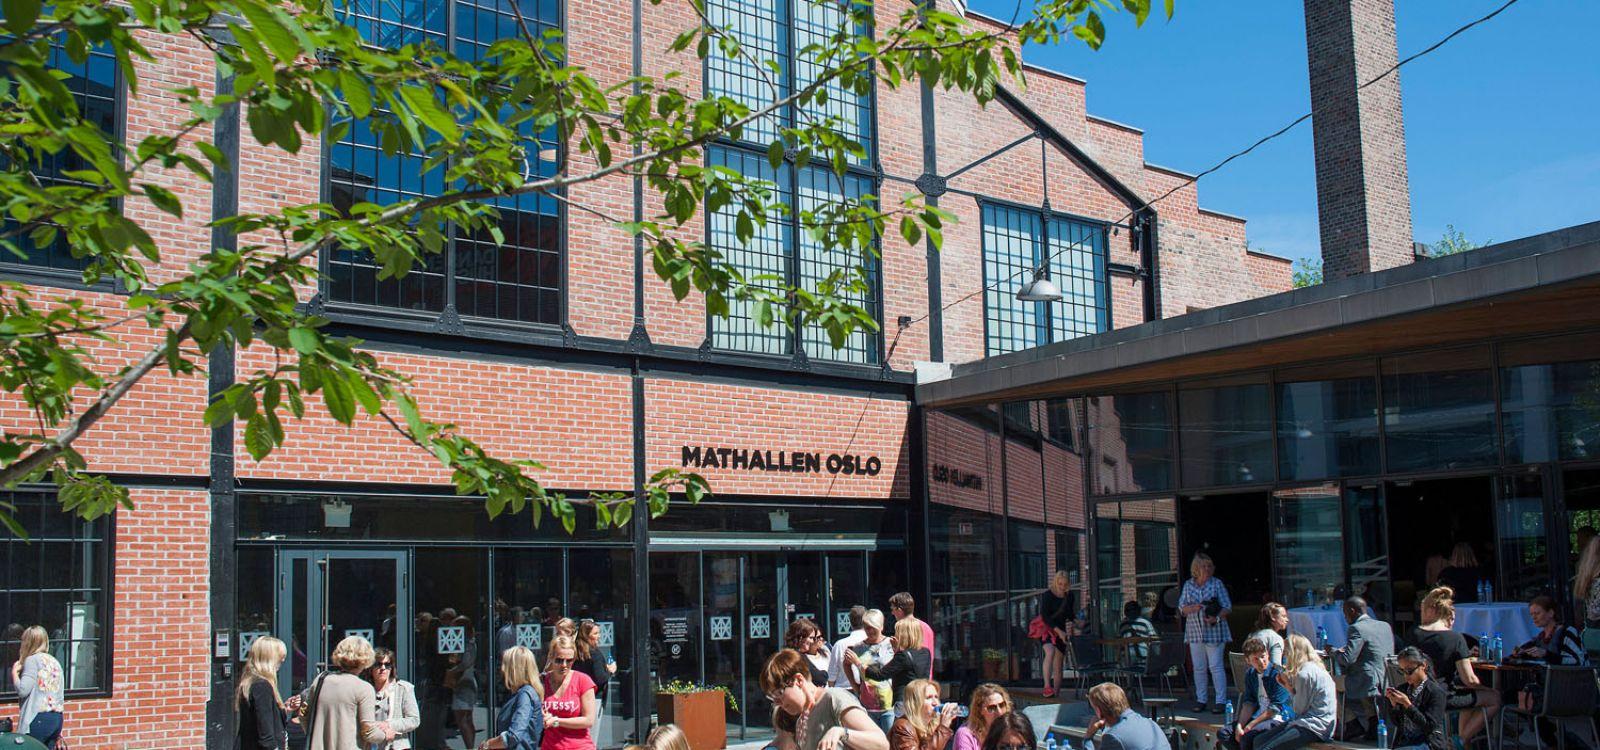 Торговый центр Матхаллен (Вулкан, Осло)